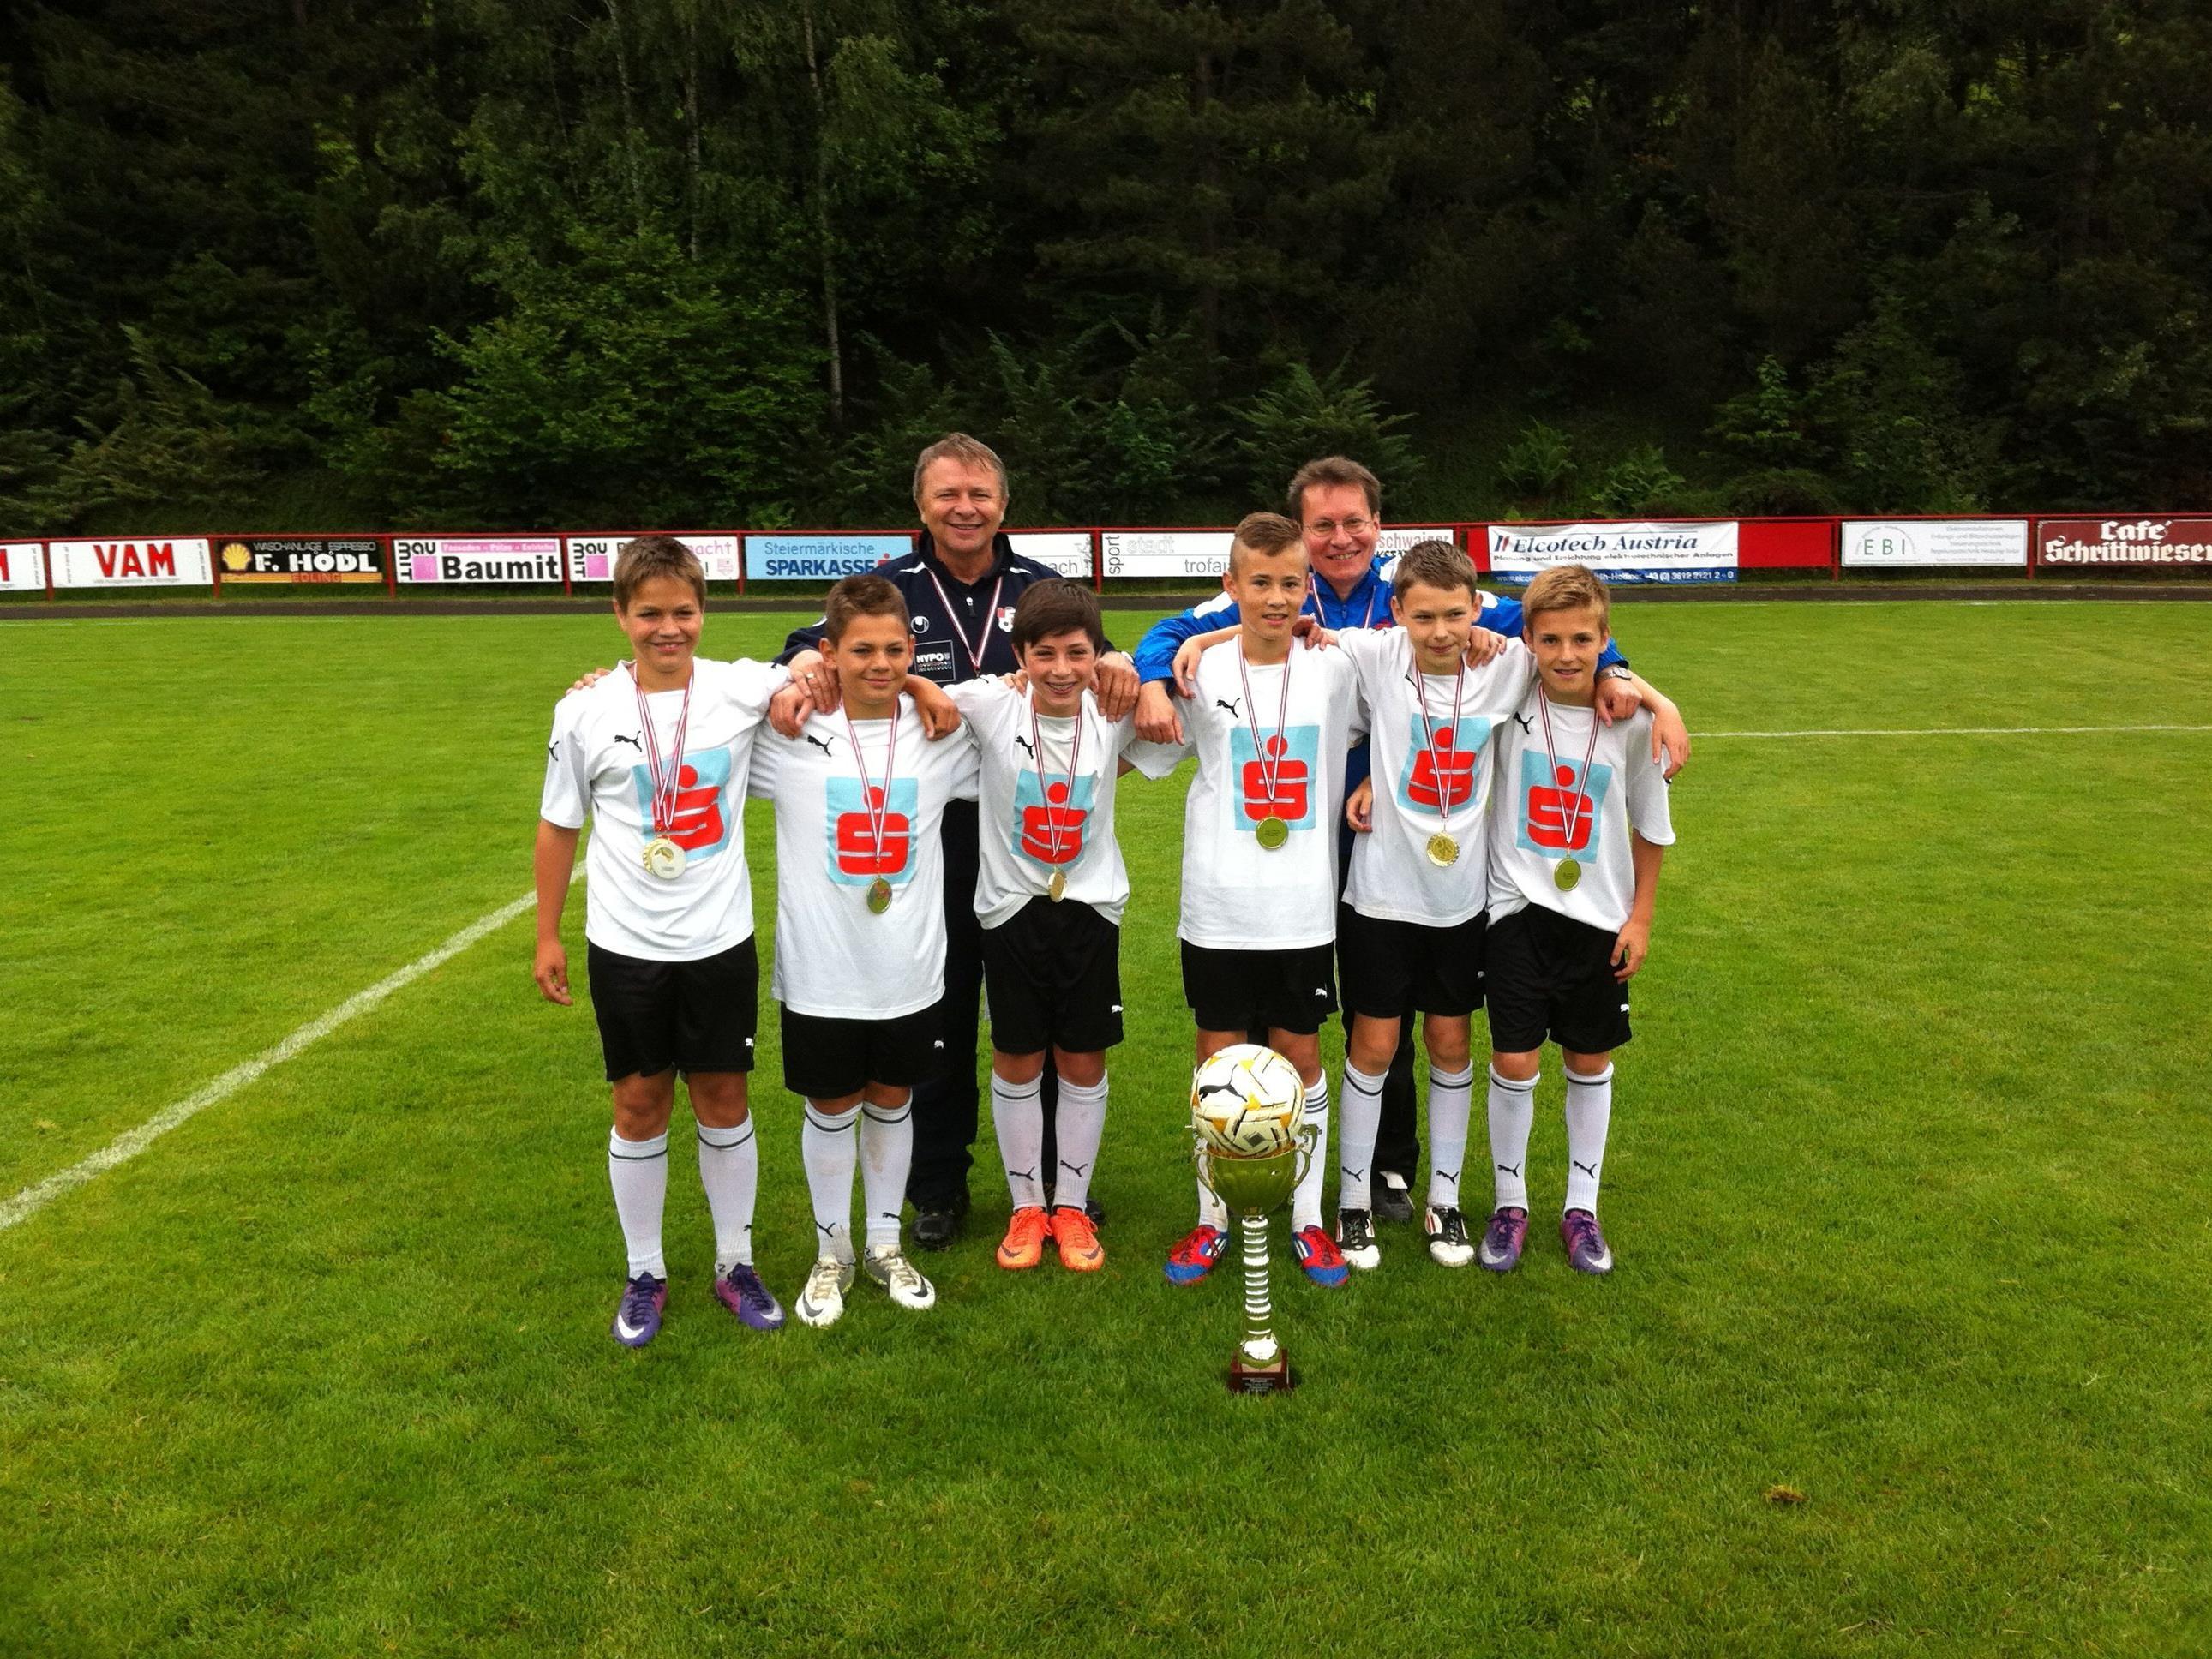 Das PG Mehrerau wurde Bundessieger beim Schülerliga-Technikbewerb in der Steiermark.